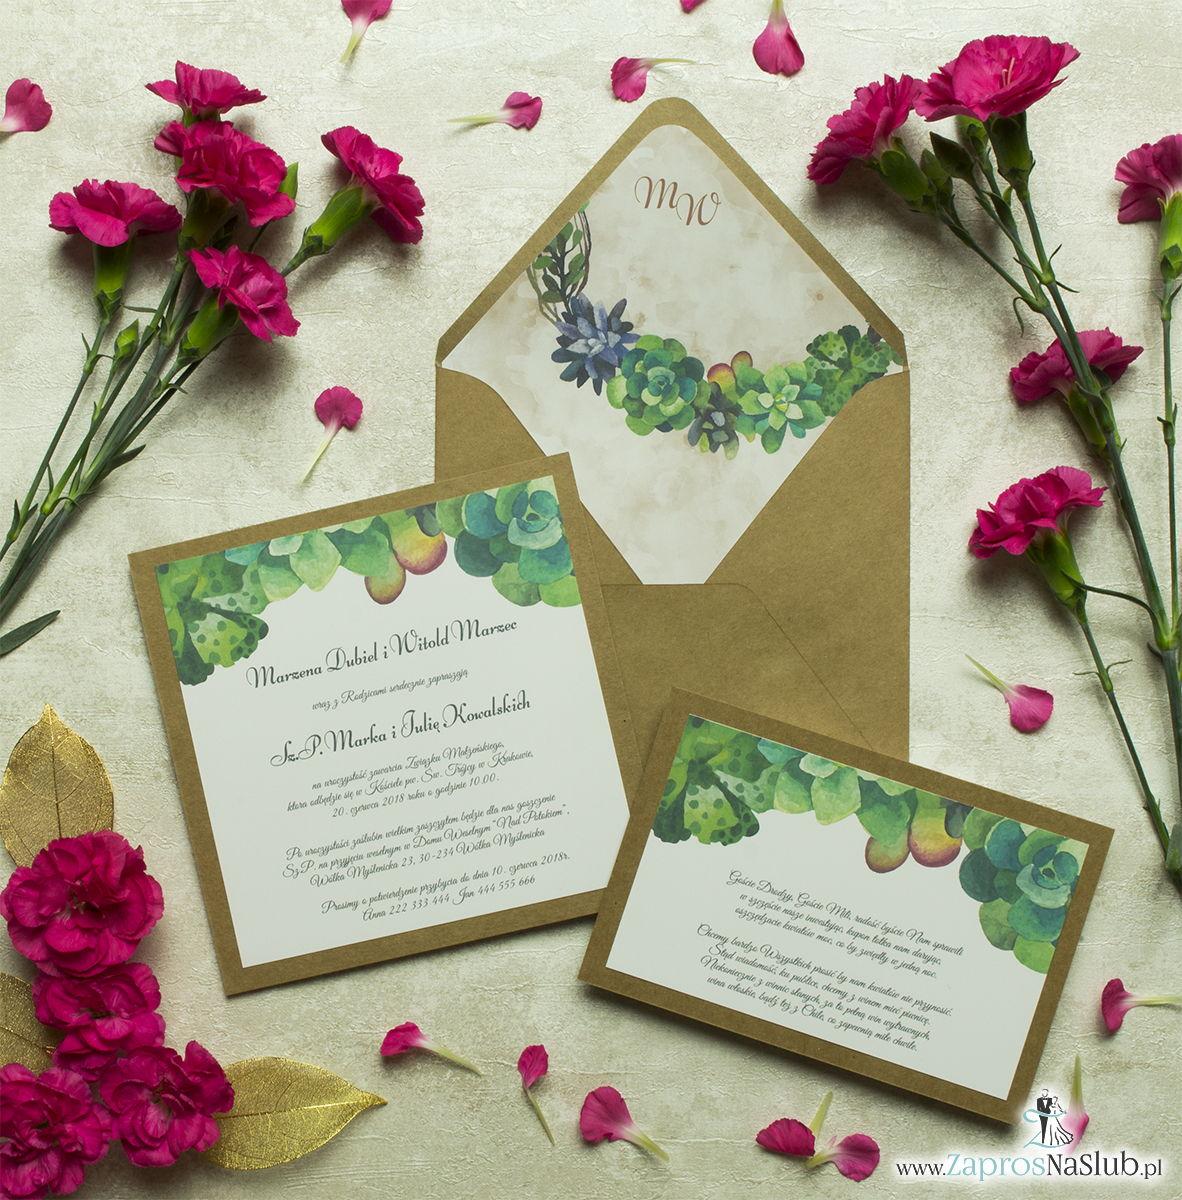 Dwuczęściowe, kwiatowe zaproszenia ślubne w stylu eko, z kilkoma rodzajami sukulentów. ZAP-76-15